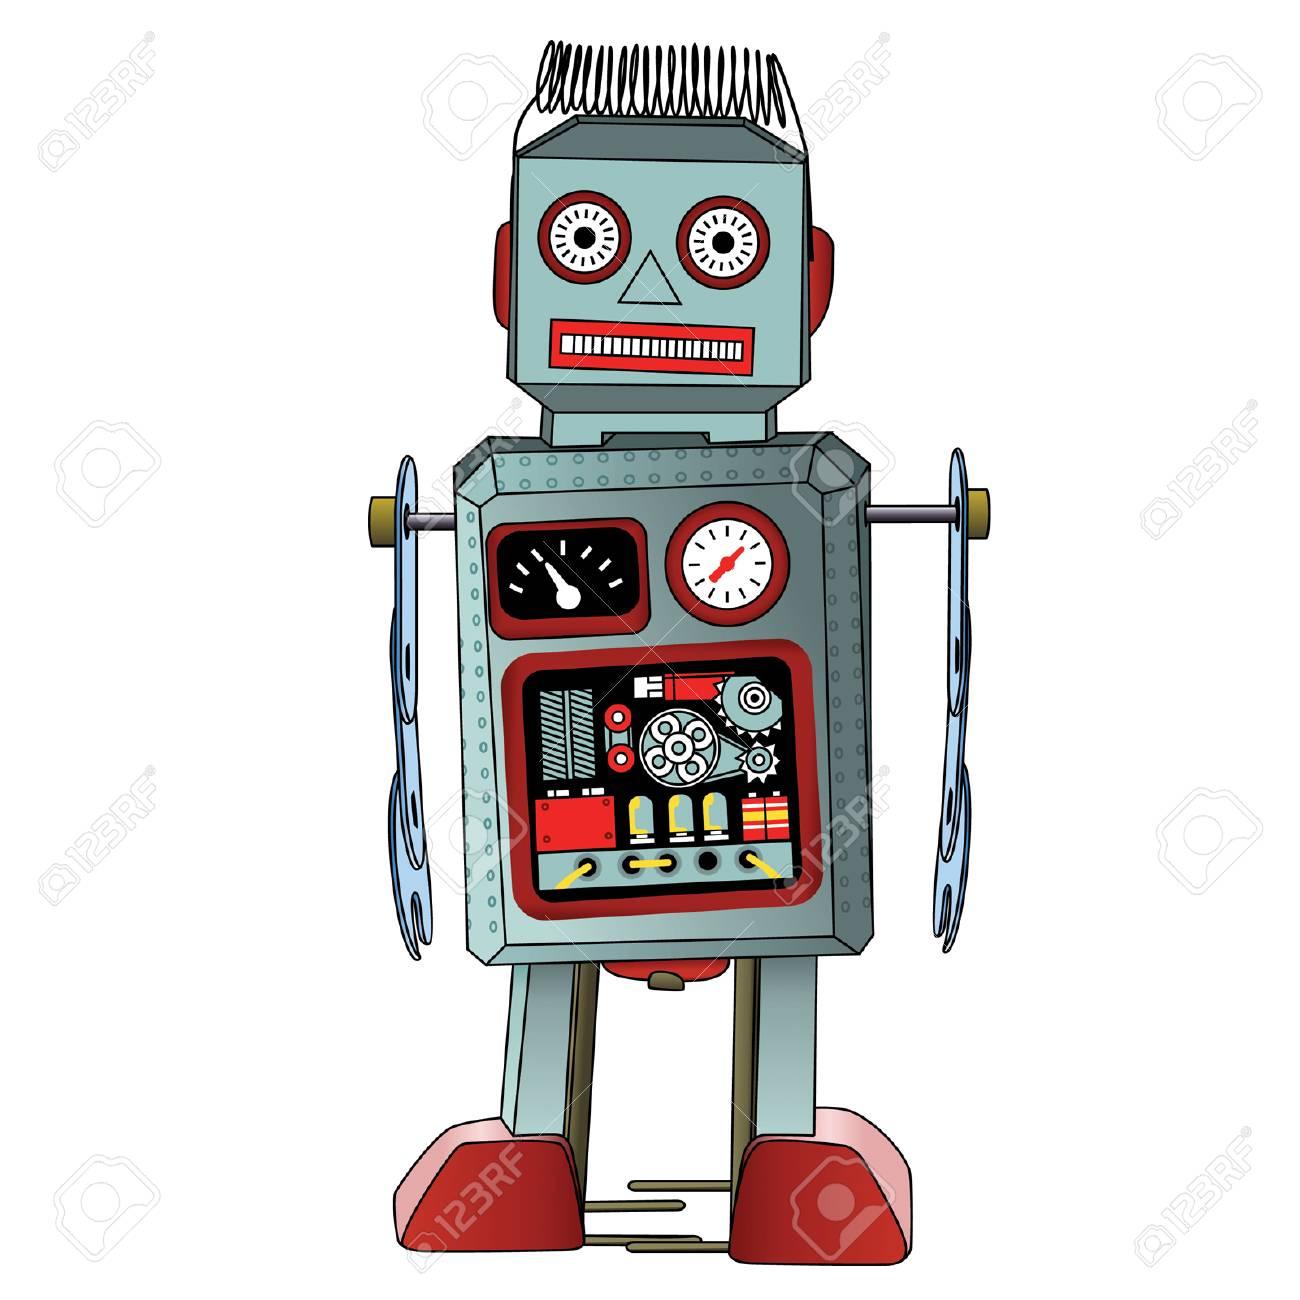 ロボット イラストのイラスト素材ベクタ Image 81481570